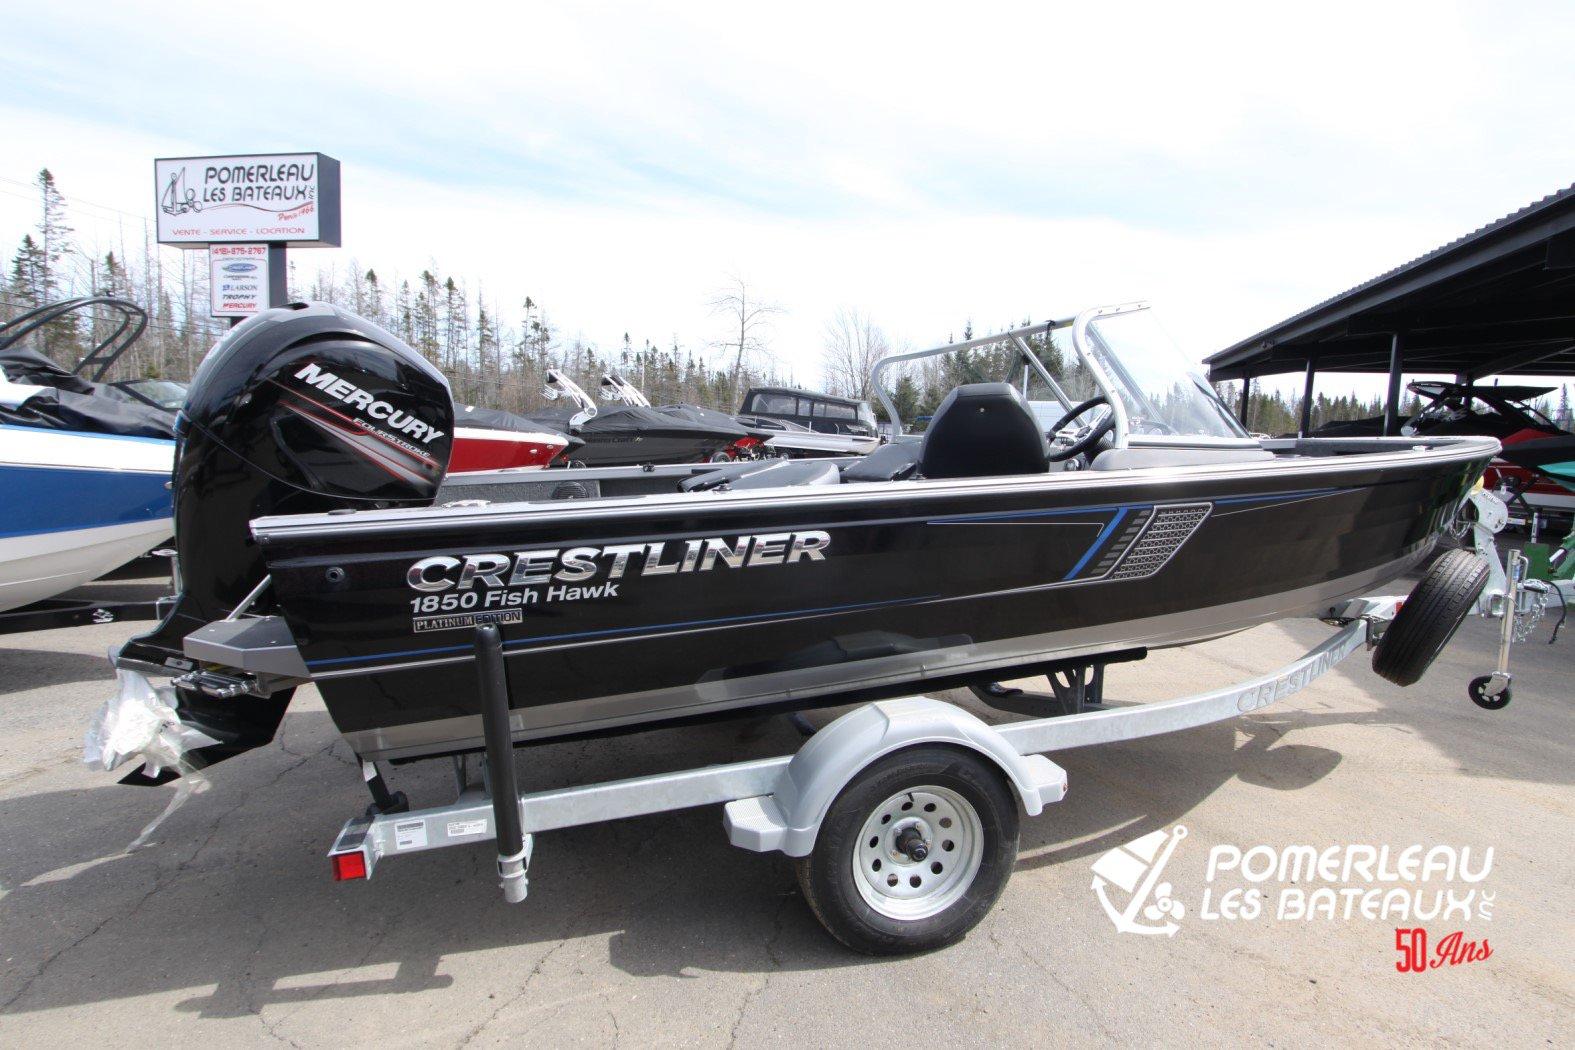 Crestliner Fish Hawk 1850 Platinum - IMG_2283